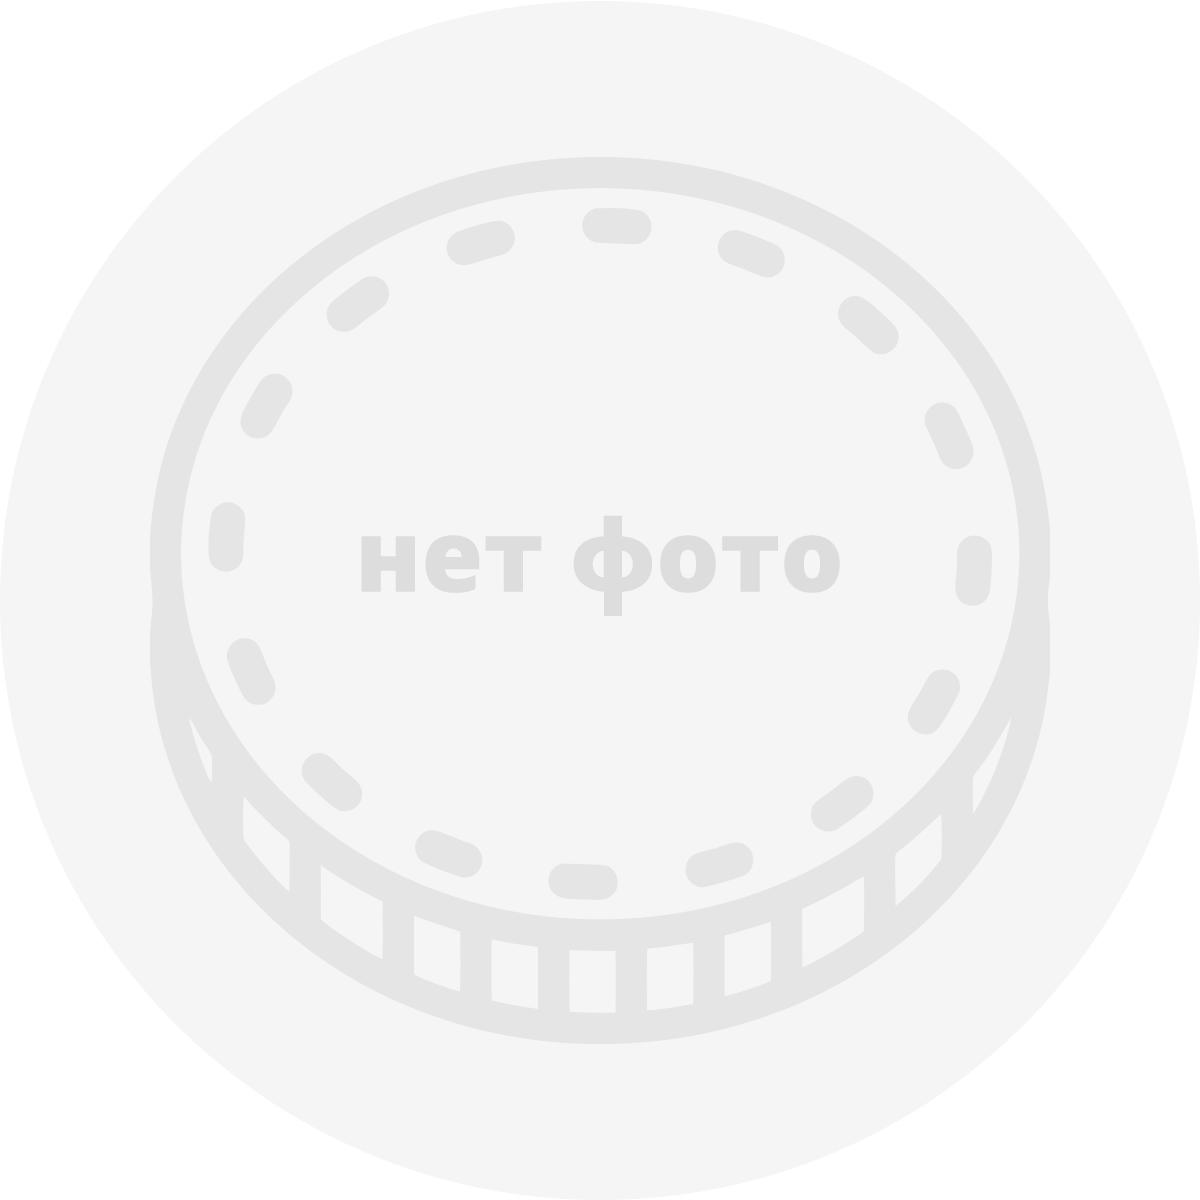 выдающиеся личности армеяний 2 рубля КАРАМЗИН -- 2016 год СЕРЕБРО СЕРТИФИКАТ ПОДЛИННОСТИ ...